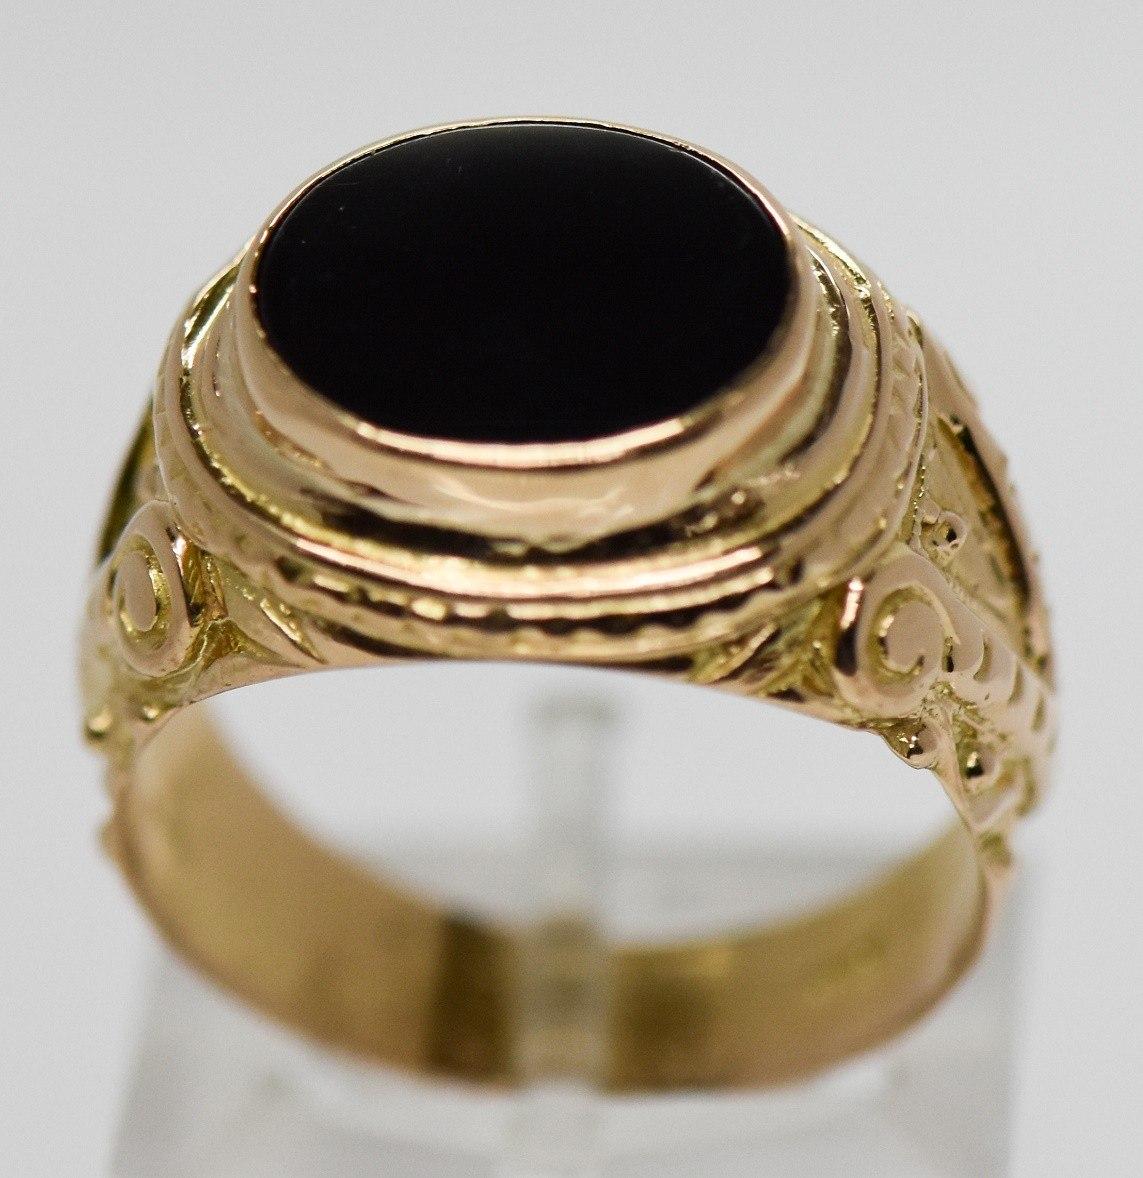 558cf9bec410 gran anillo europeo oro 18 kilates onix sellado hombre. Cargando zoom.